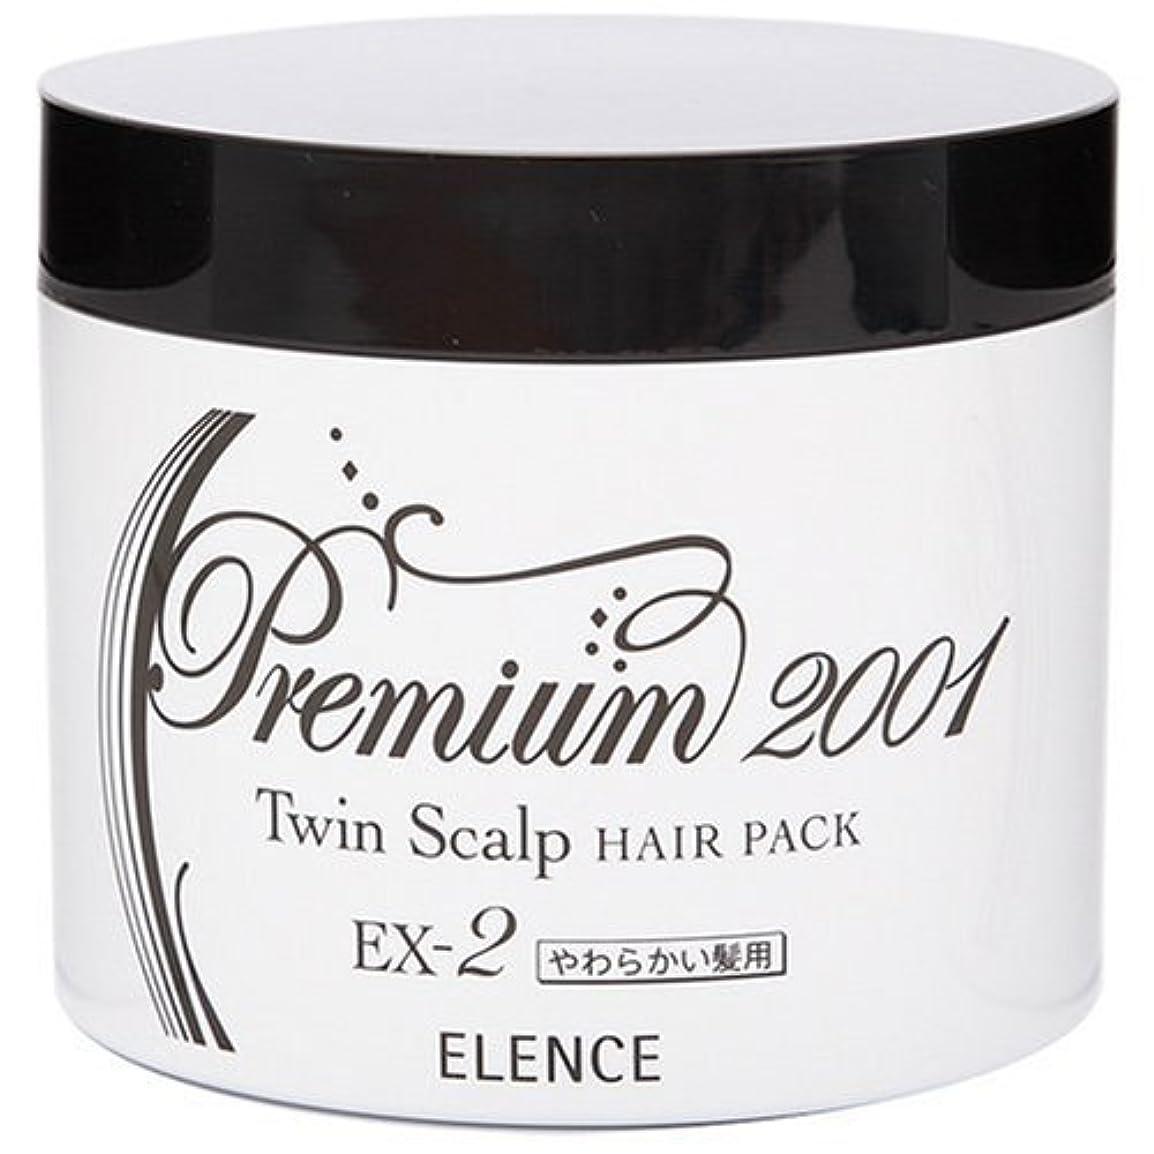 暴力的な独裁ロマンスエレンス2001 ツインスキャルプヘアパックEX-2(やわらかい髪用)